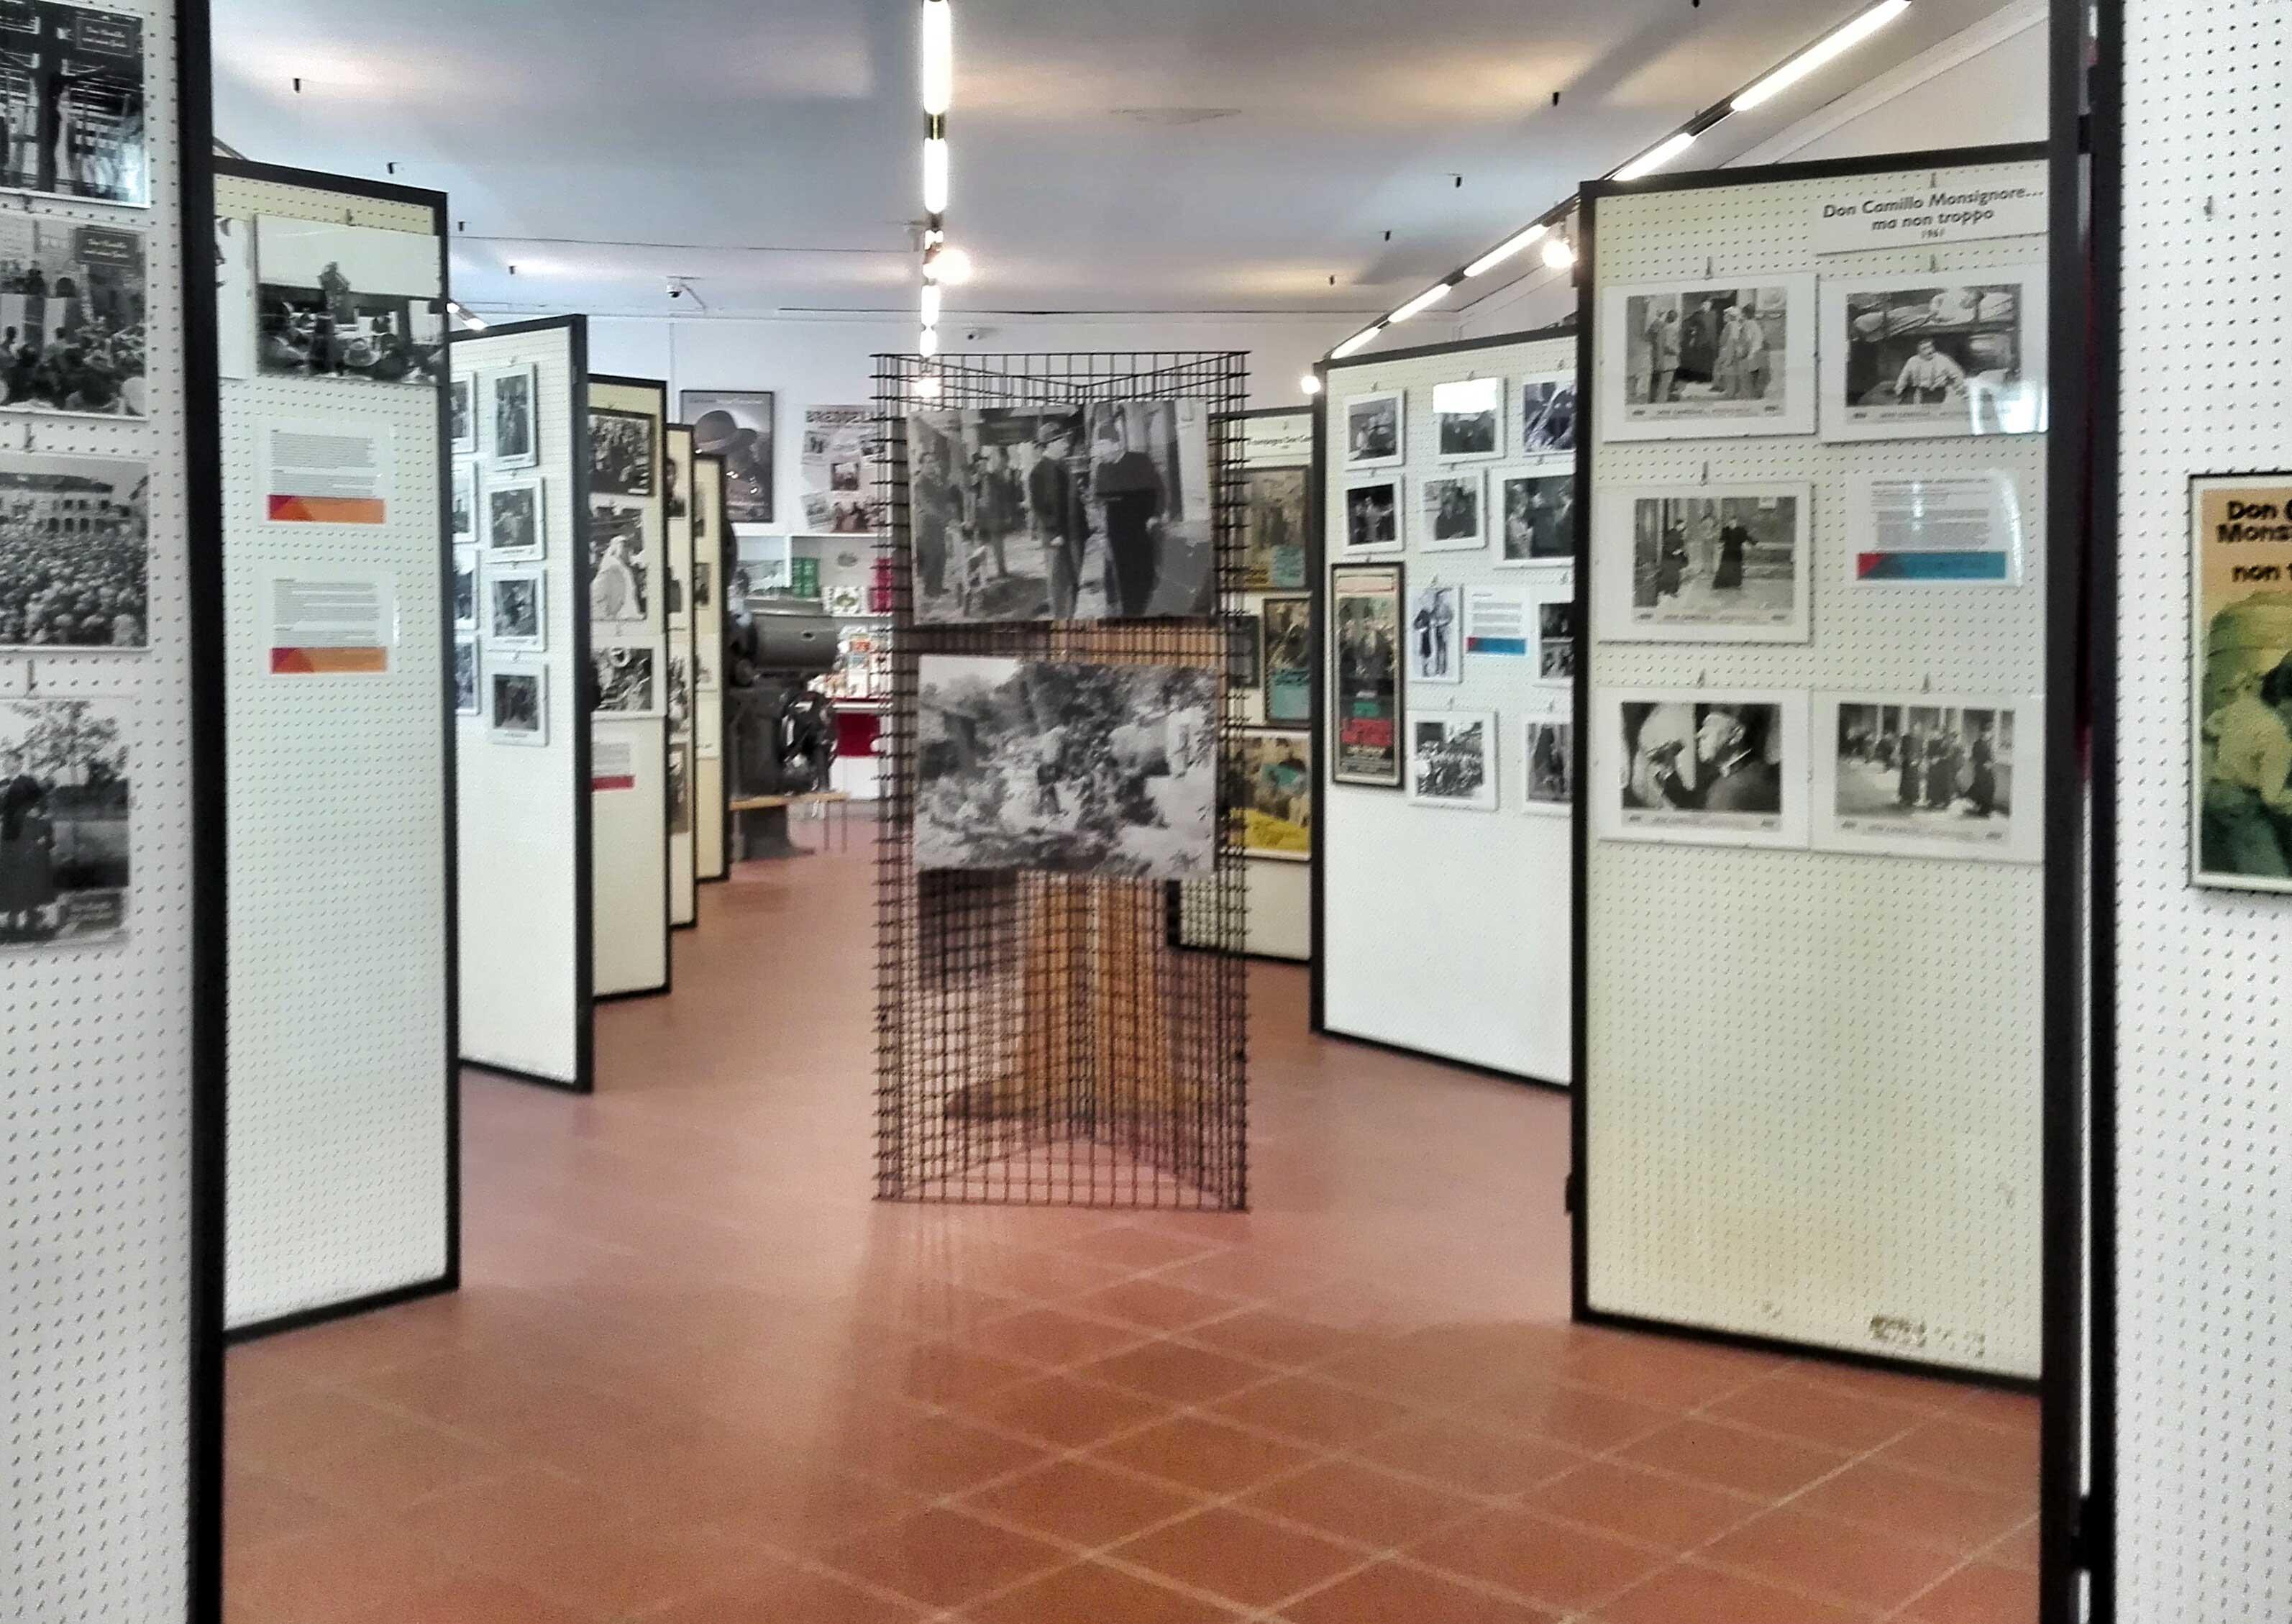 brescello museo peppone don camillo